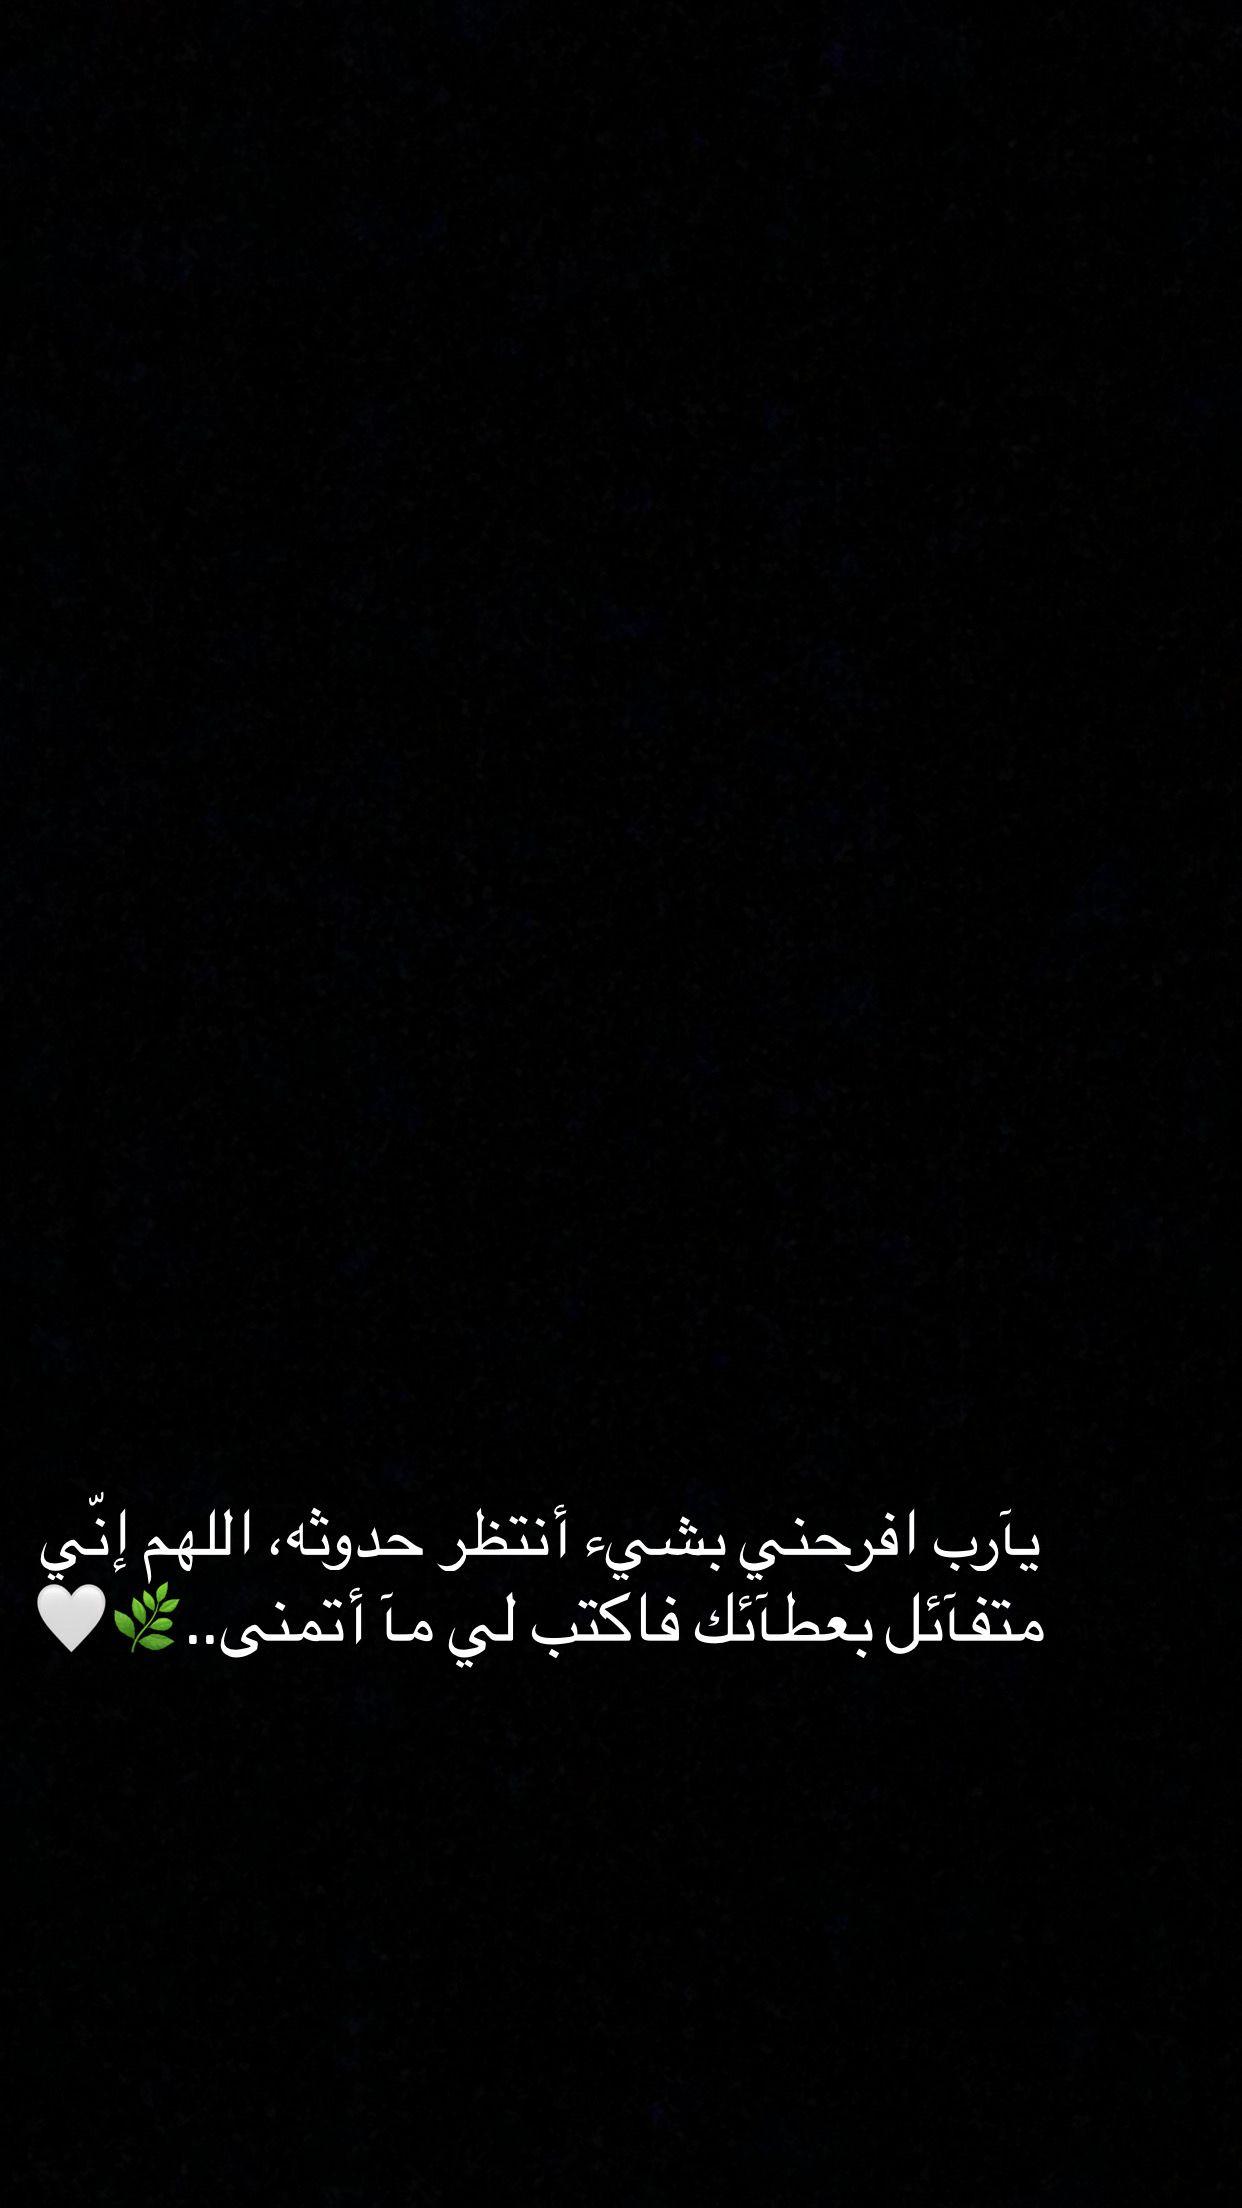 عسى يا الله افرحني و فرح كل من في قلبي Beautiful Arabic Words Words Quotes Cool Words